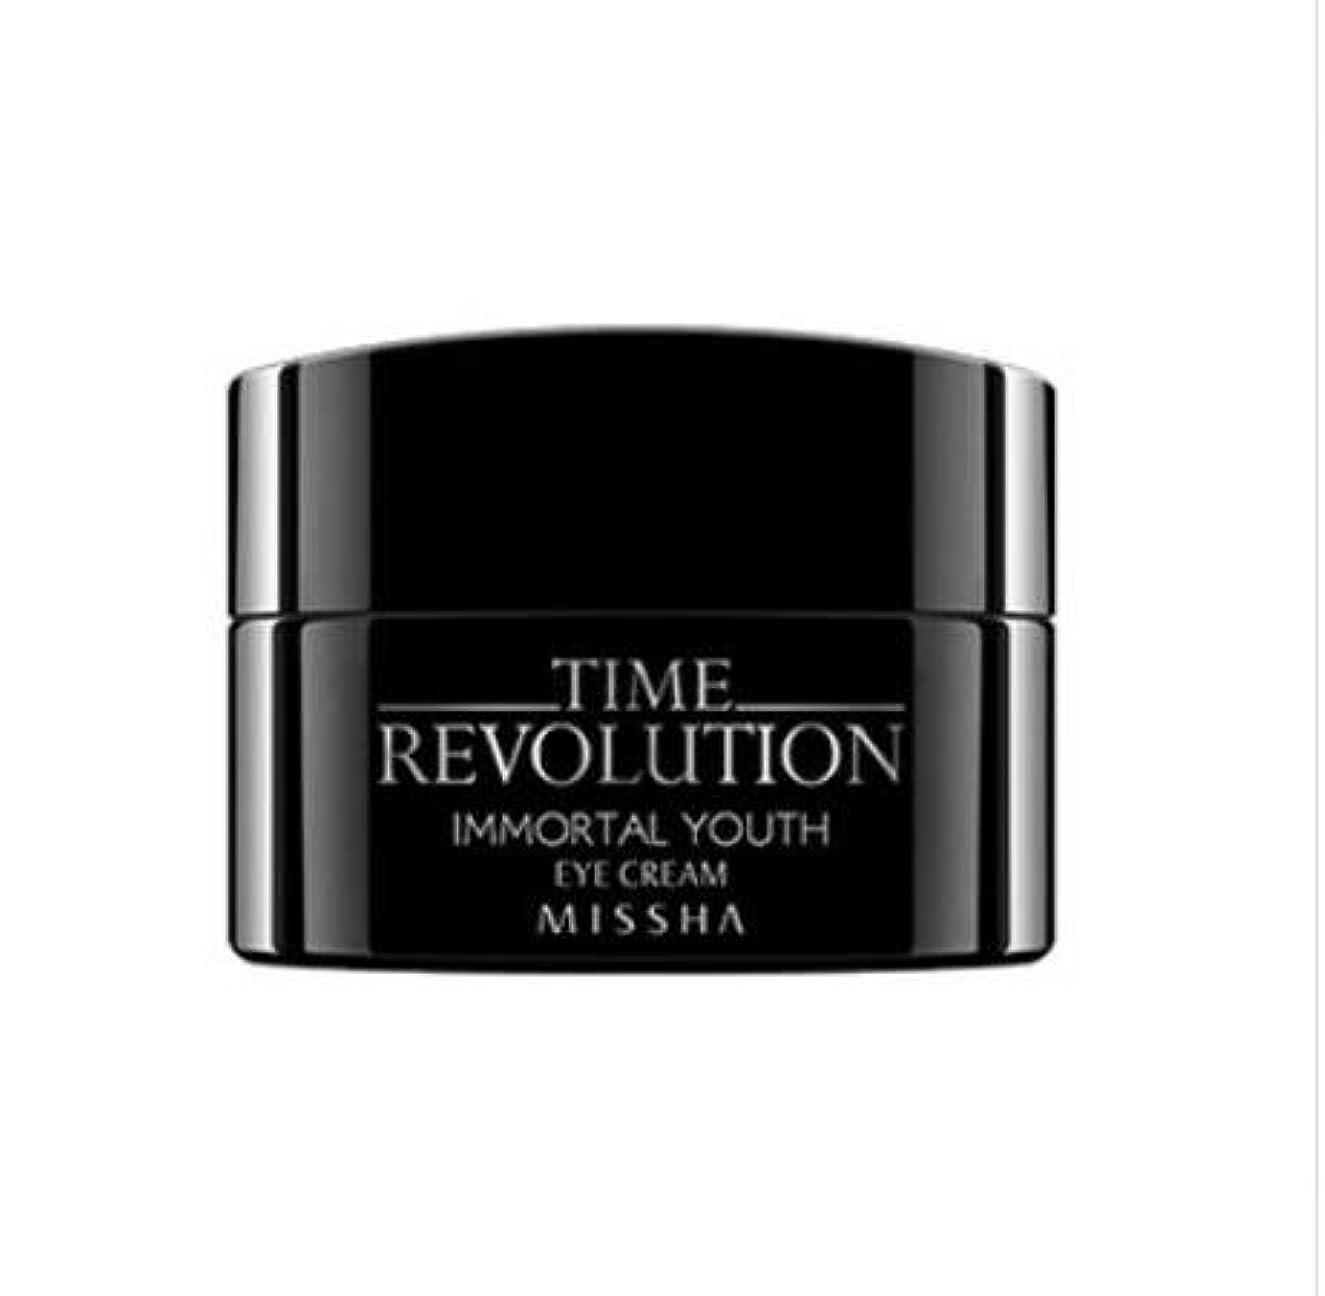 暗黙サポート発動機[ミシャ] Missha [タイムレボリューション イモタルユース アイクリーム](MISSHA Time Revolution Immortal Youth Eye Cream) [並行輸入品]